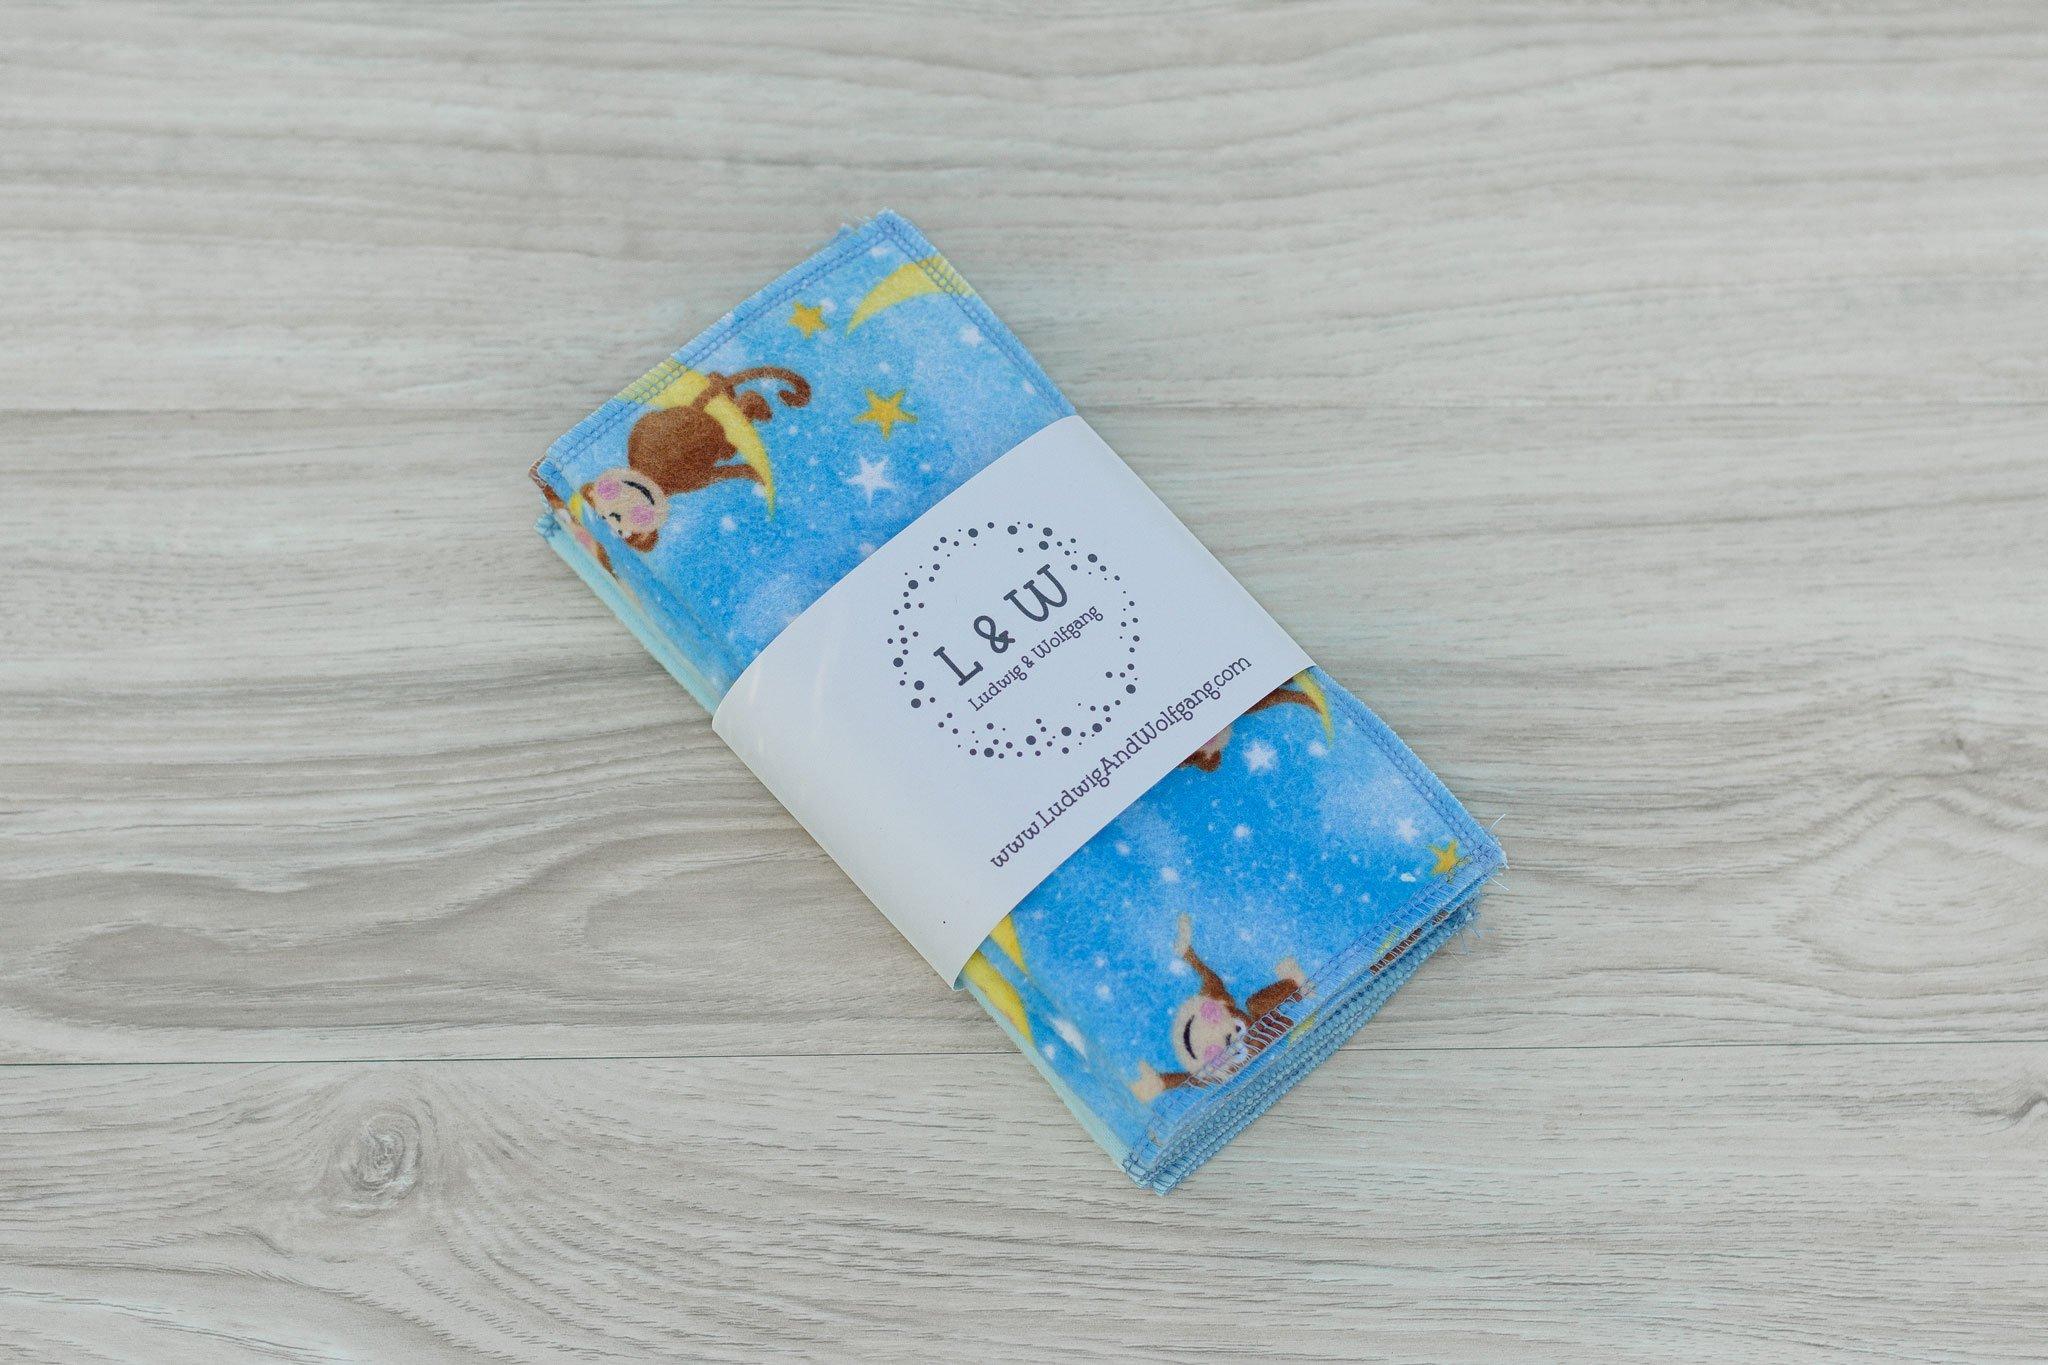 Limited Edition Cute Monkeys Blue Bundle of Wipes (3 ea. 2-Ply, Monkeys,Light Blue)